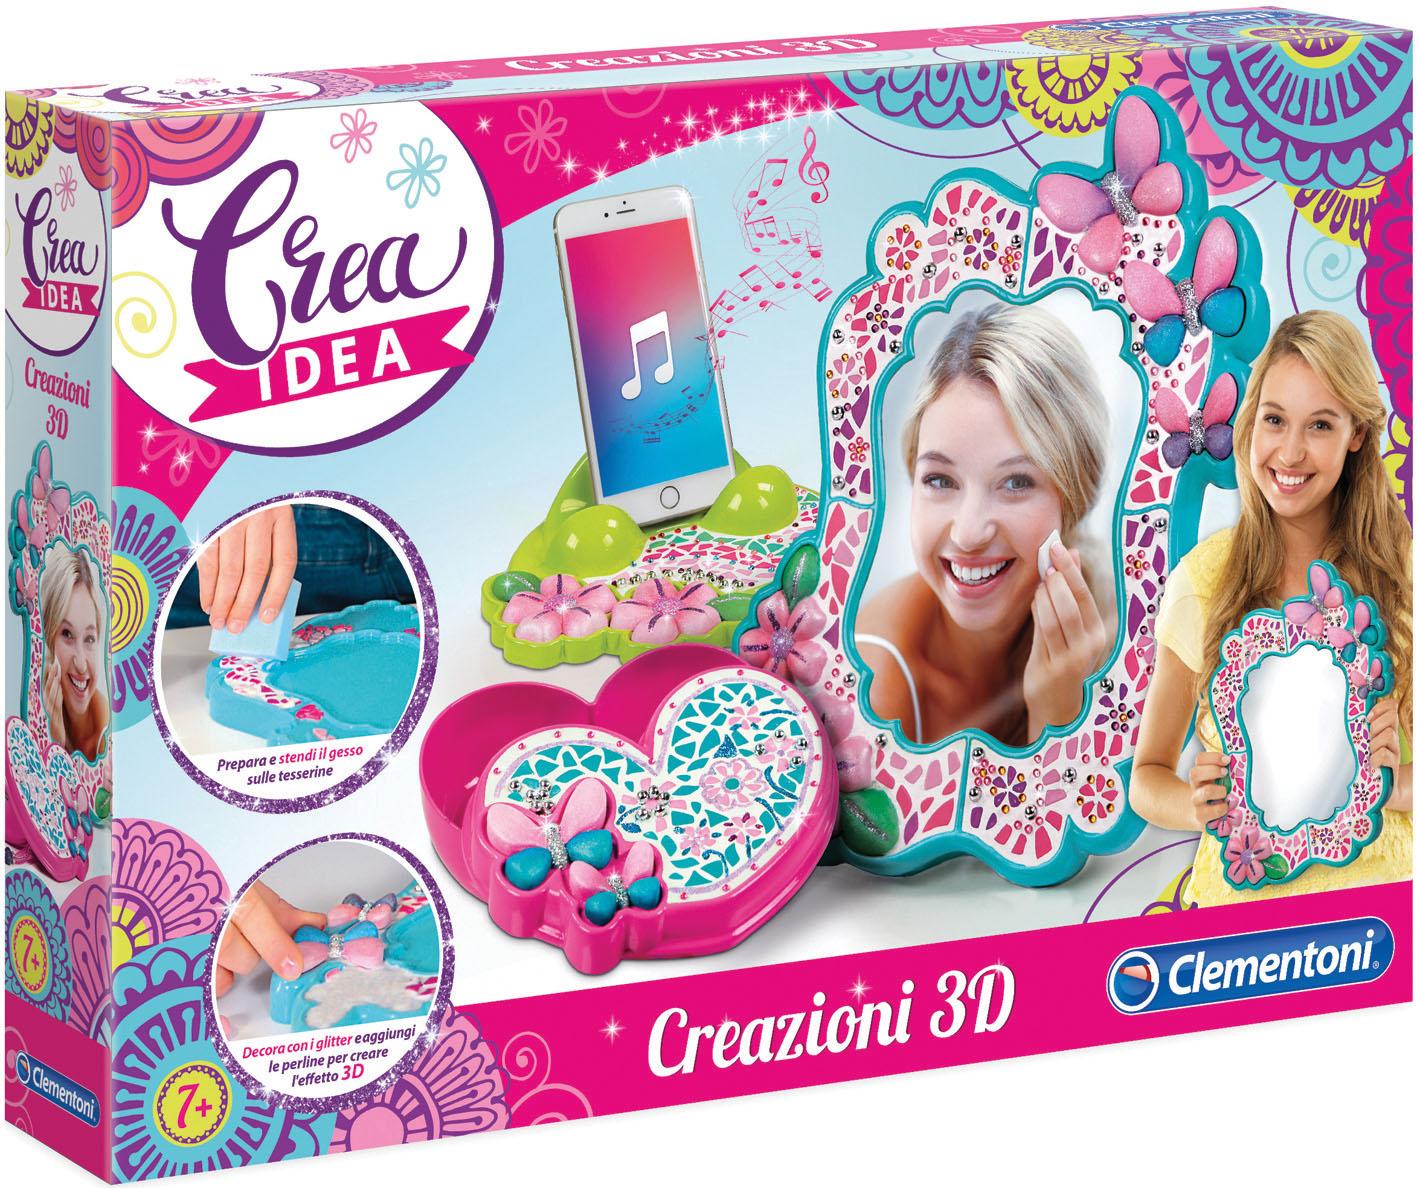 CREAZIONI 3D - CREA IDEA  TV